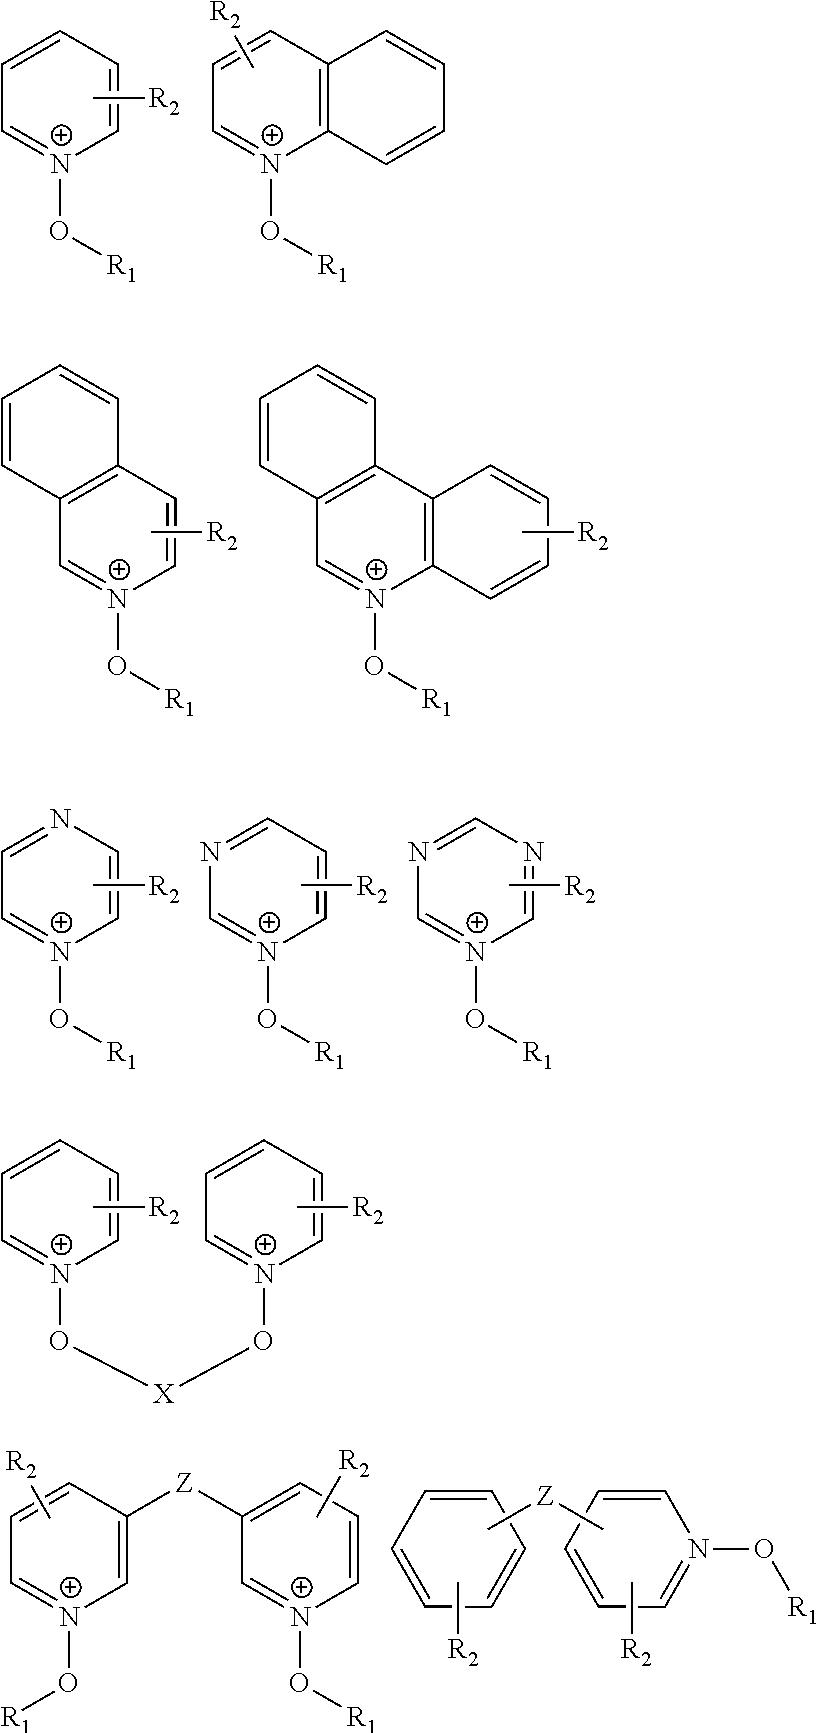 Figure US20120295999A1-20121122-C00033